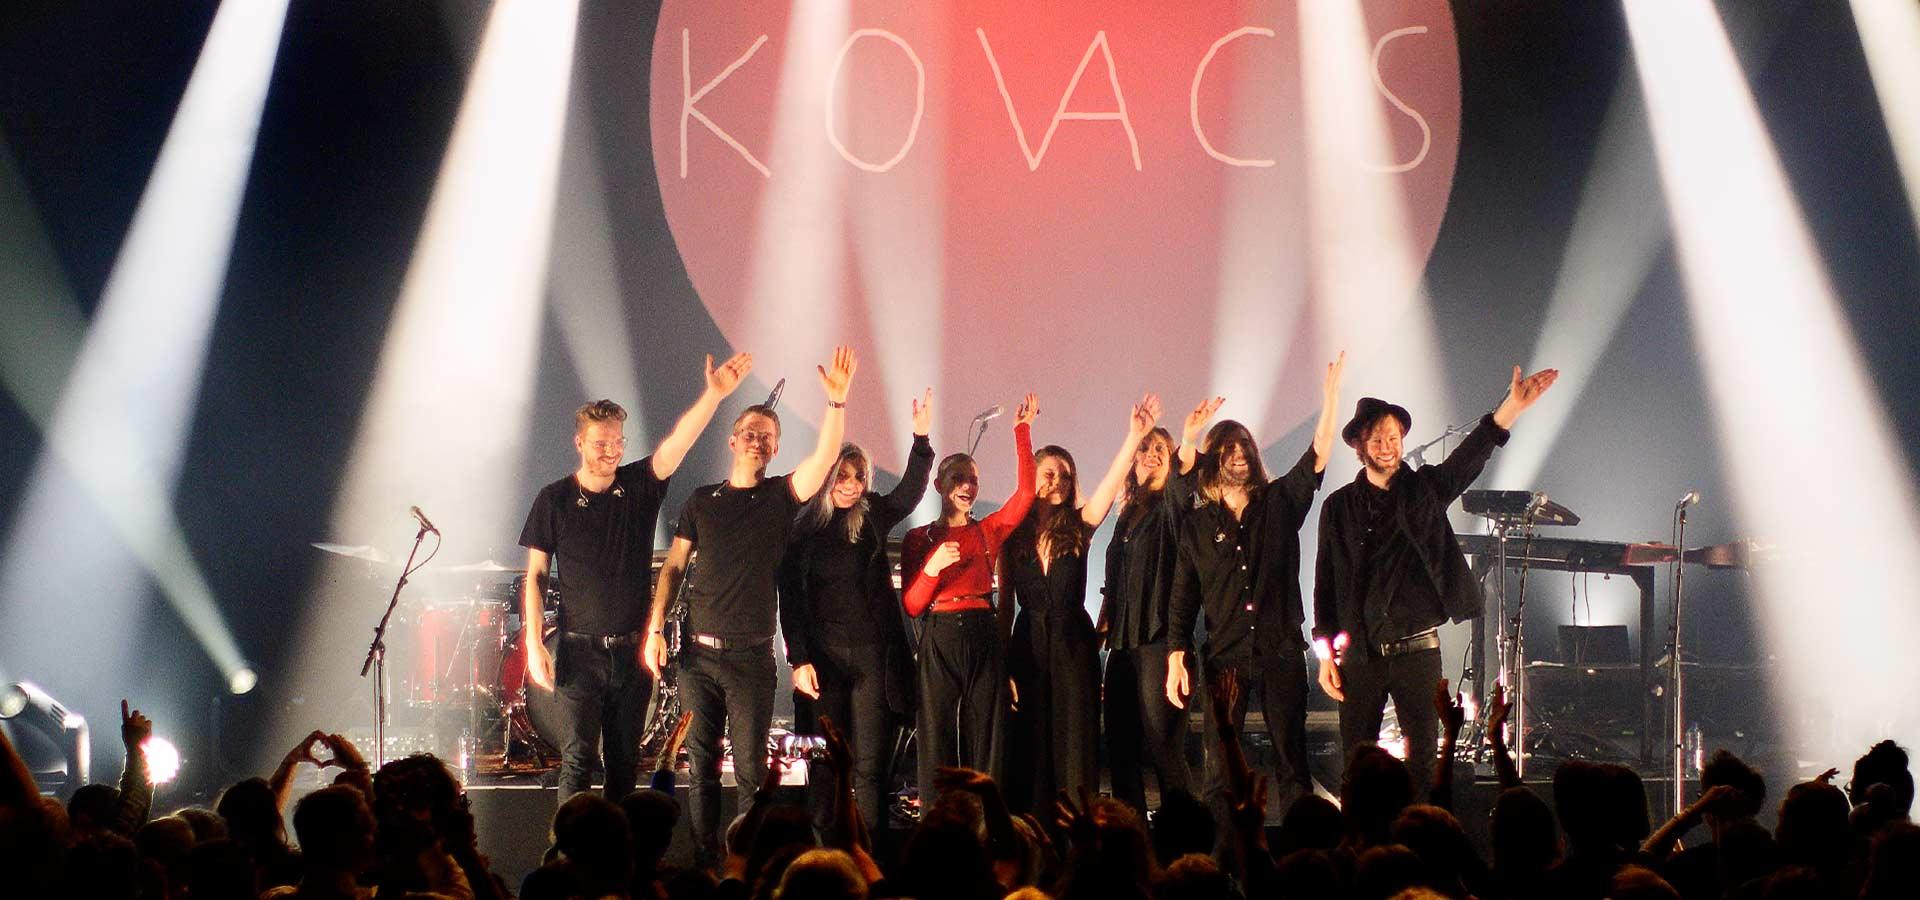 De Band Kovacs Oostepoort Groningen